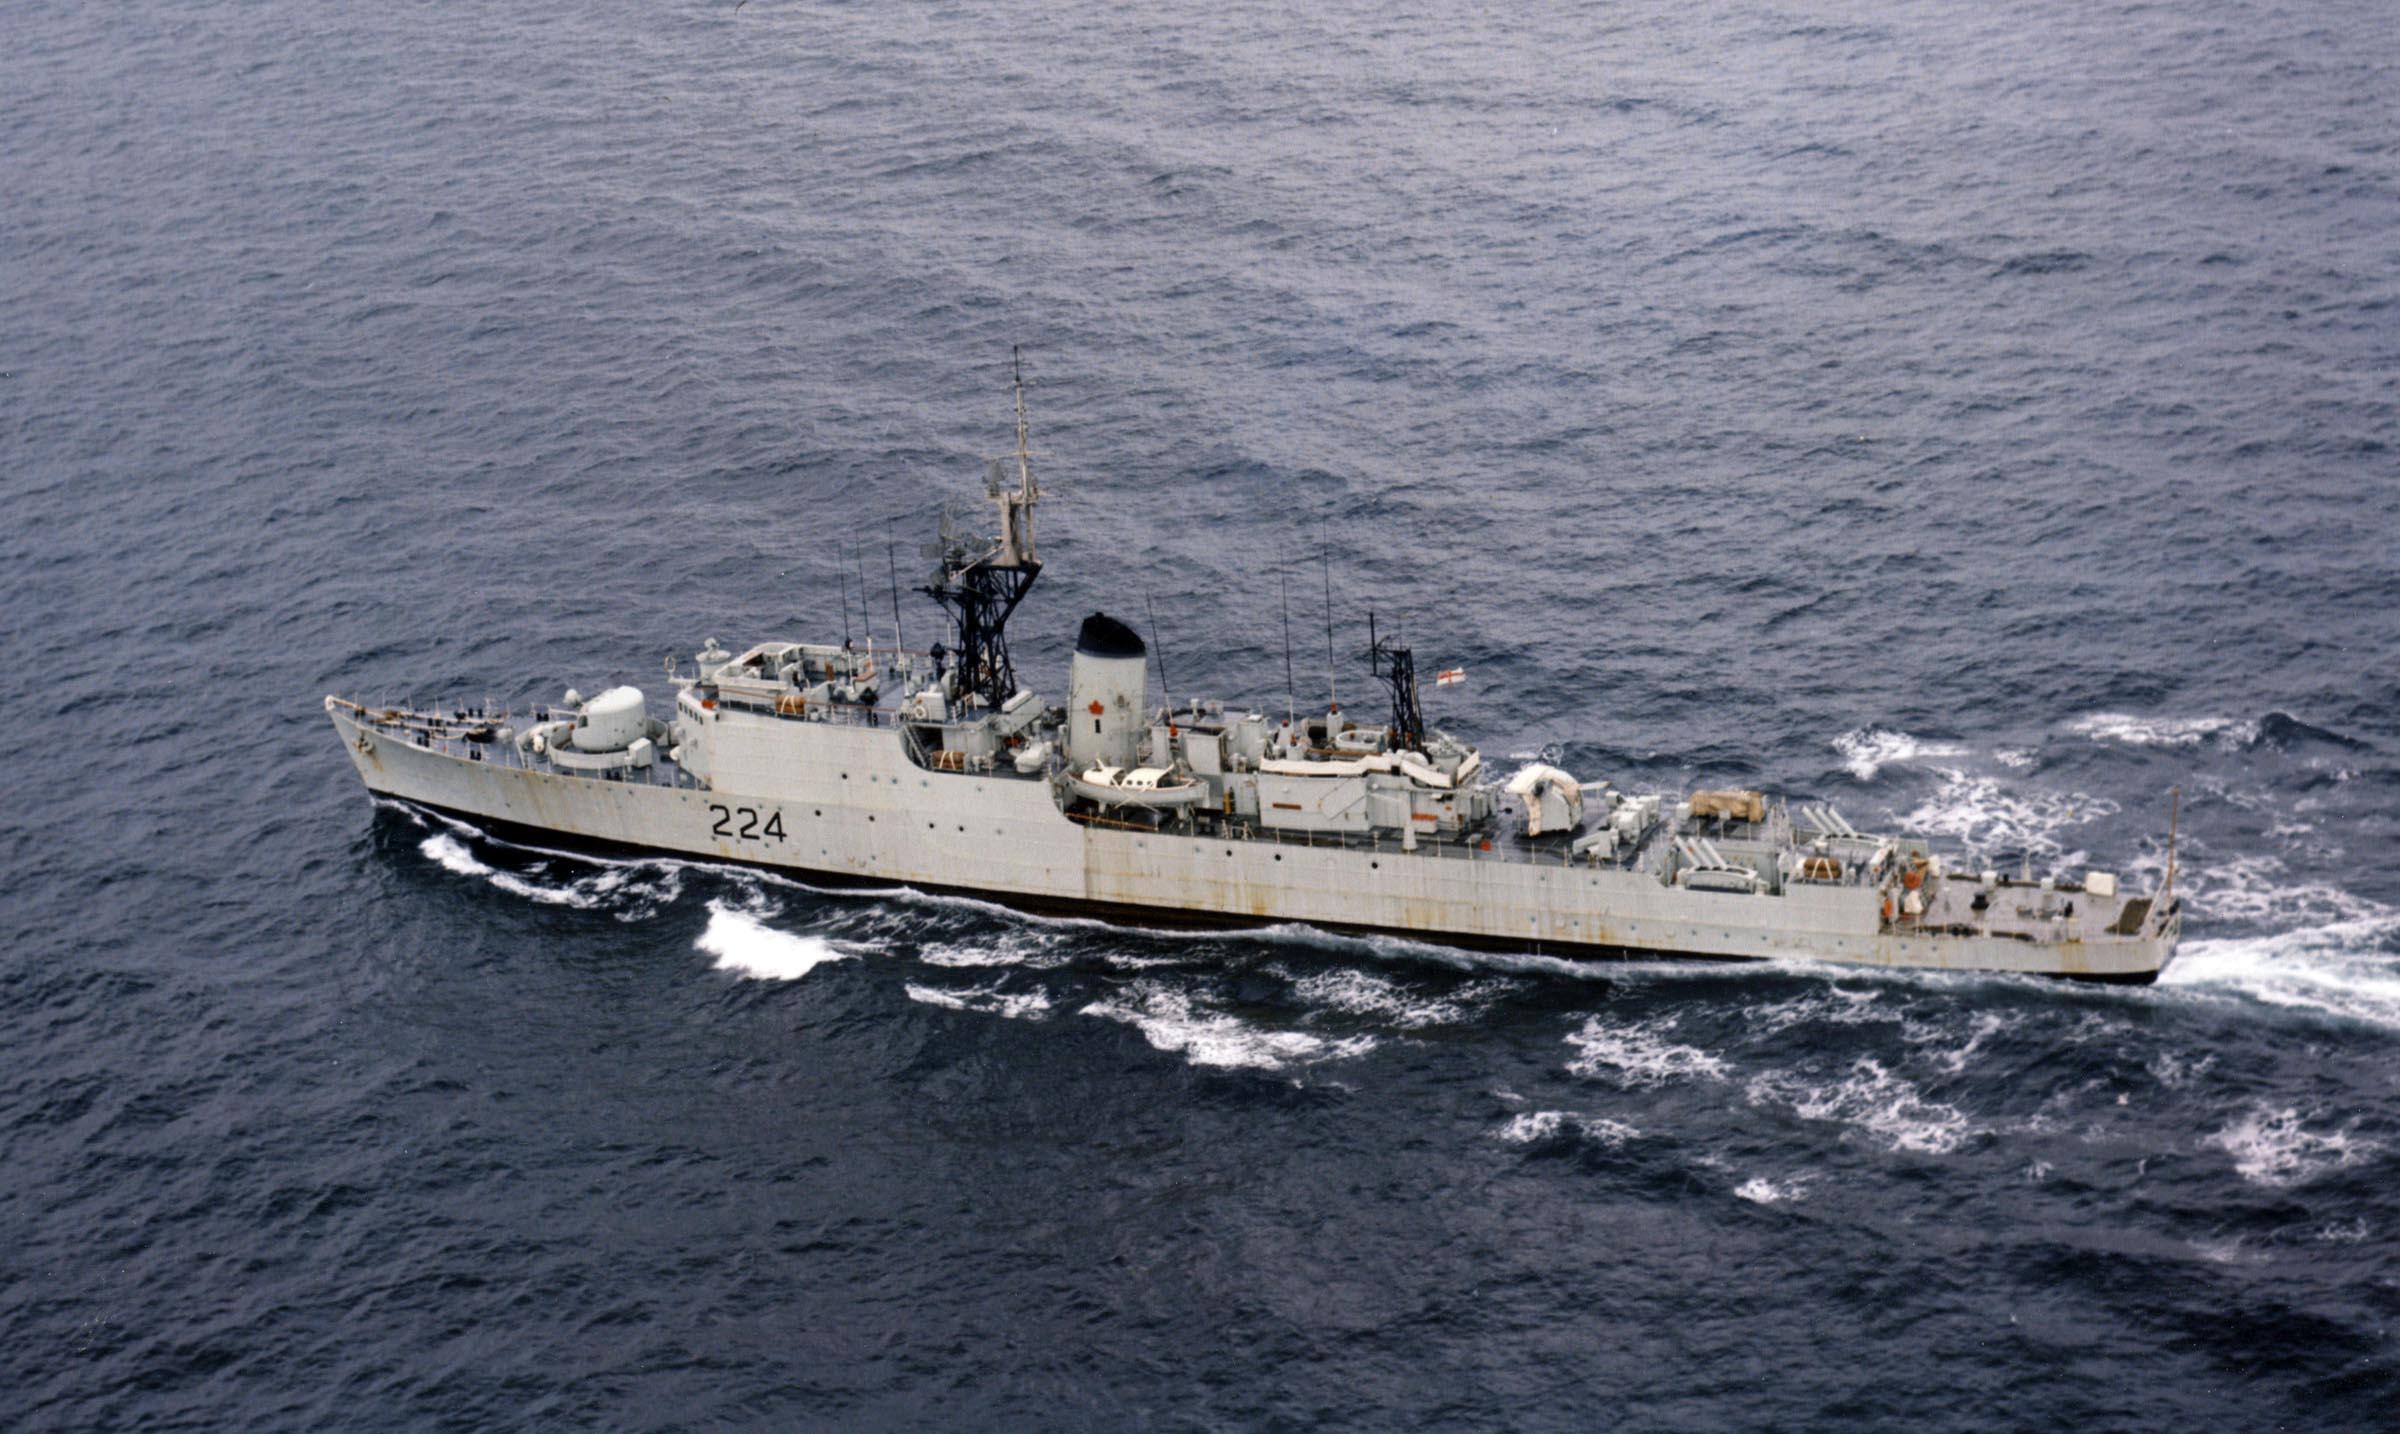 HMCS ALGONQUIN (1st)